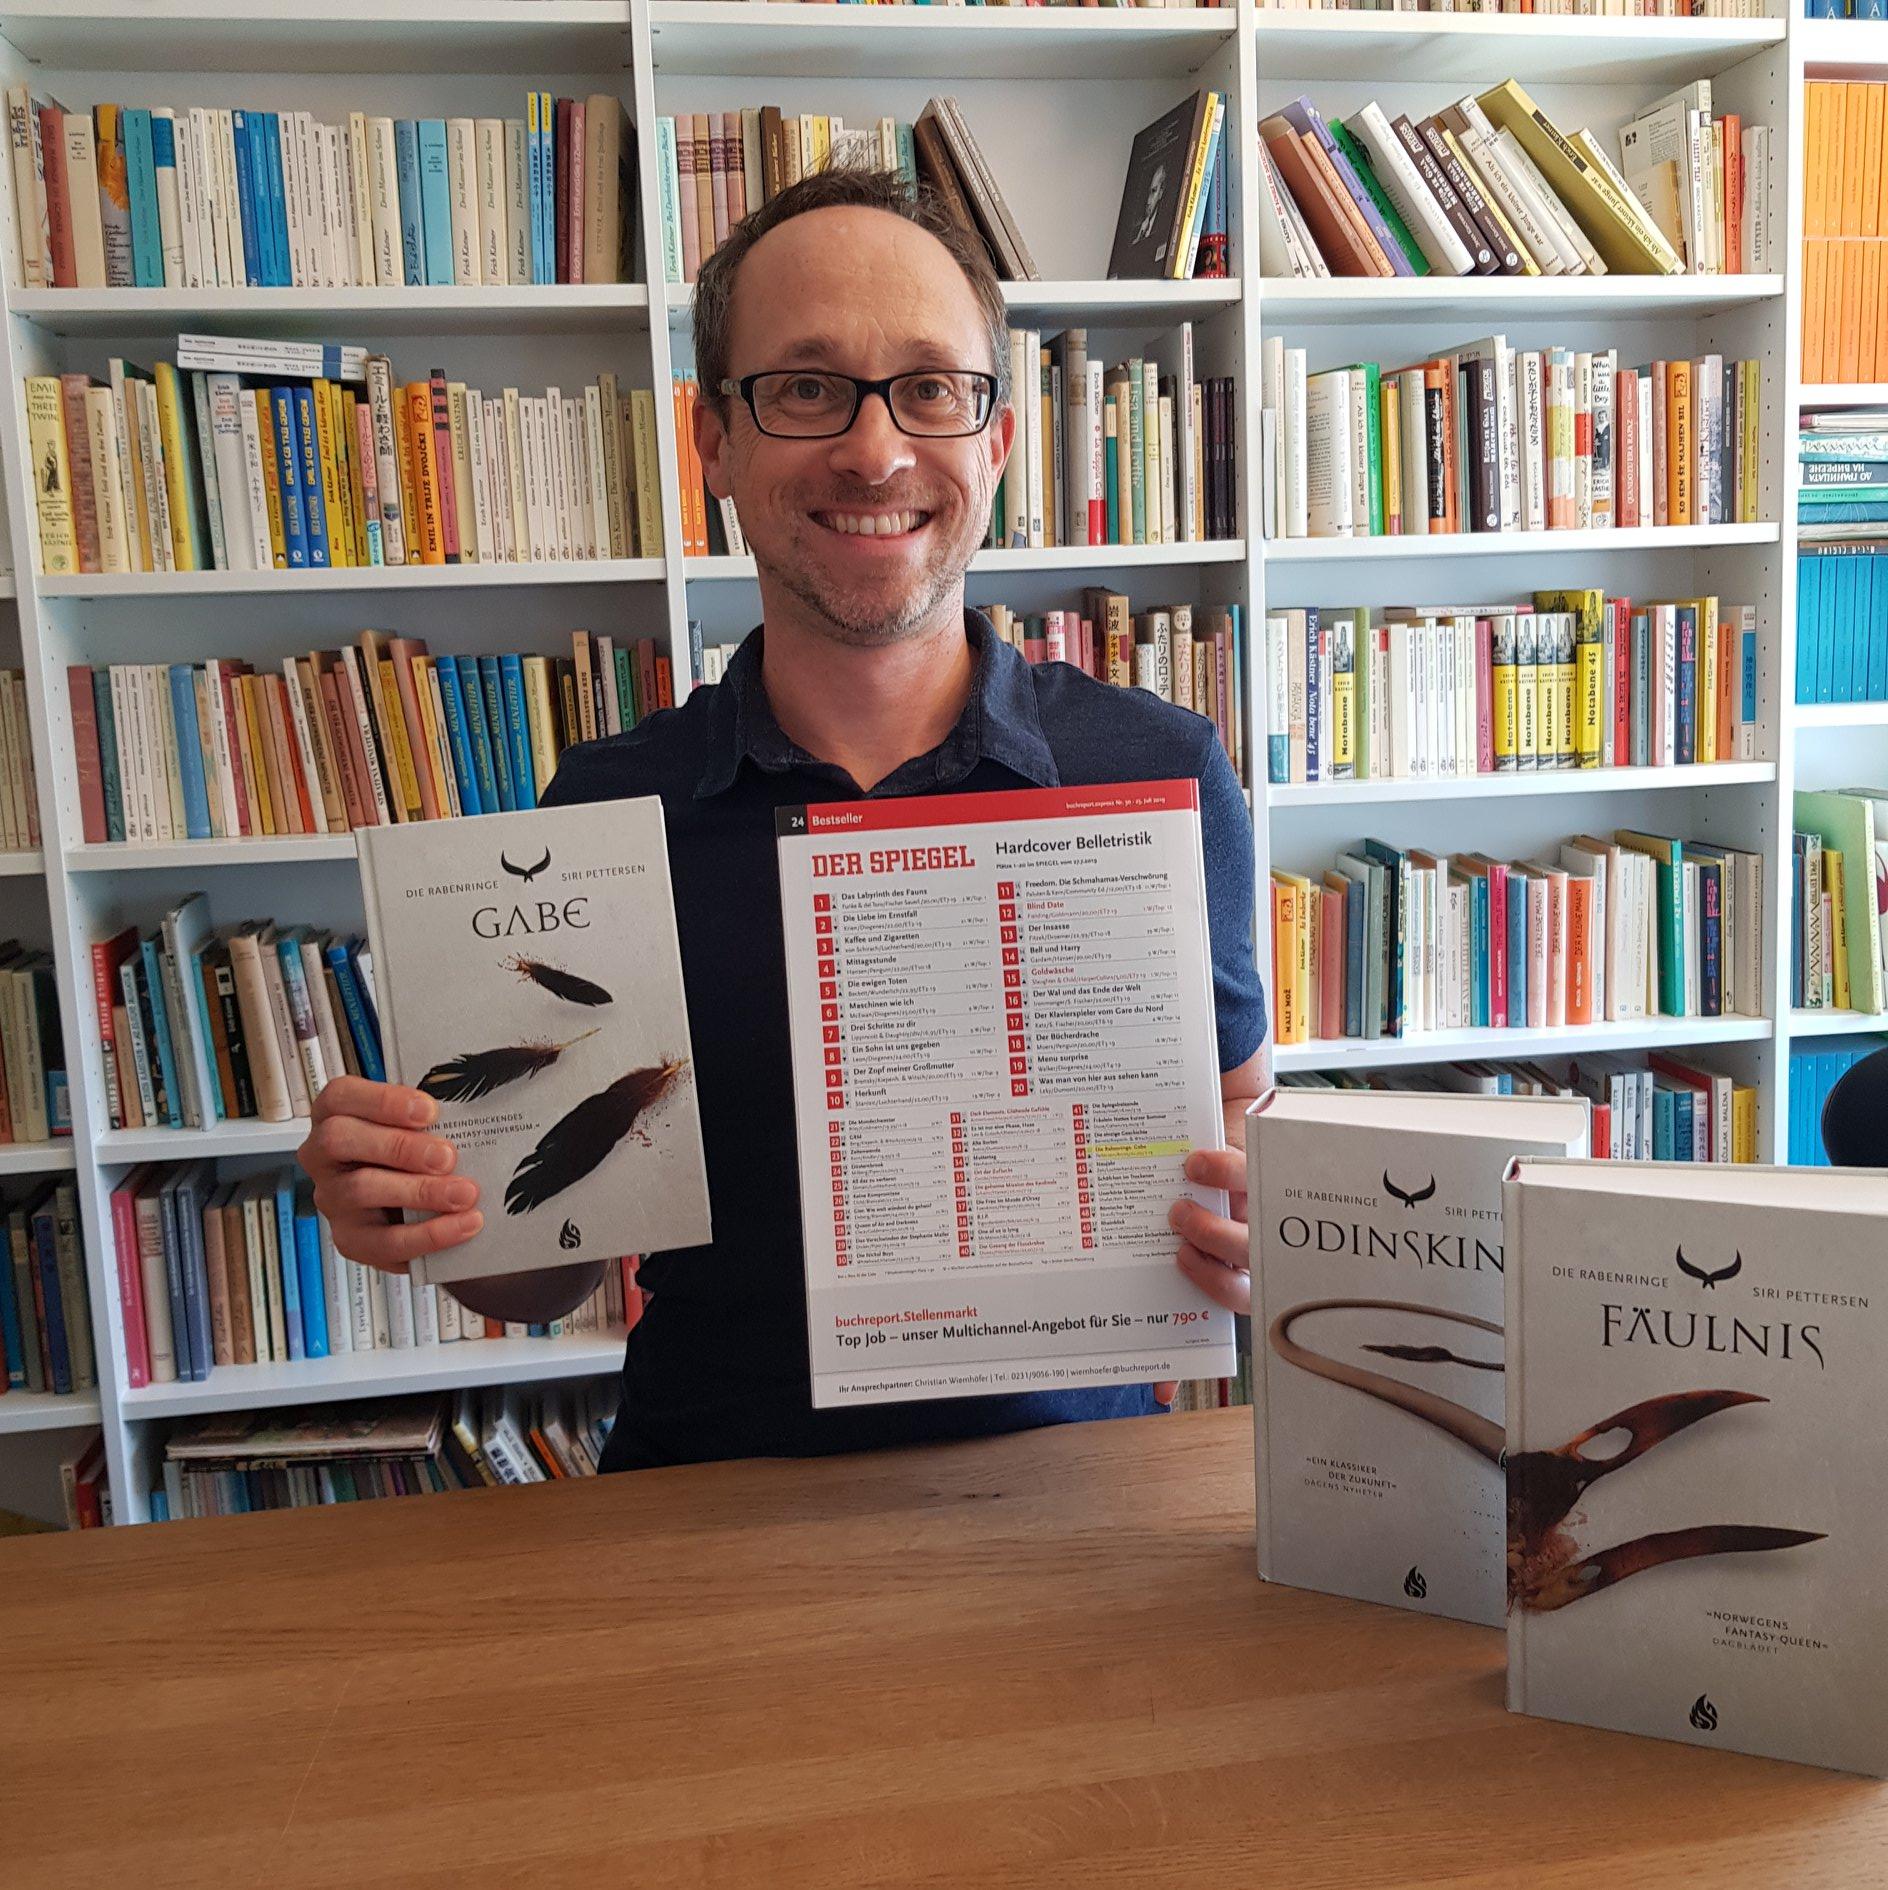 Knut Reinoss from Arctis verlag, with Spiegel bestseller list